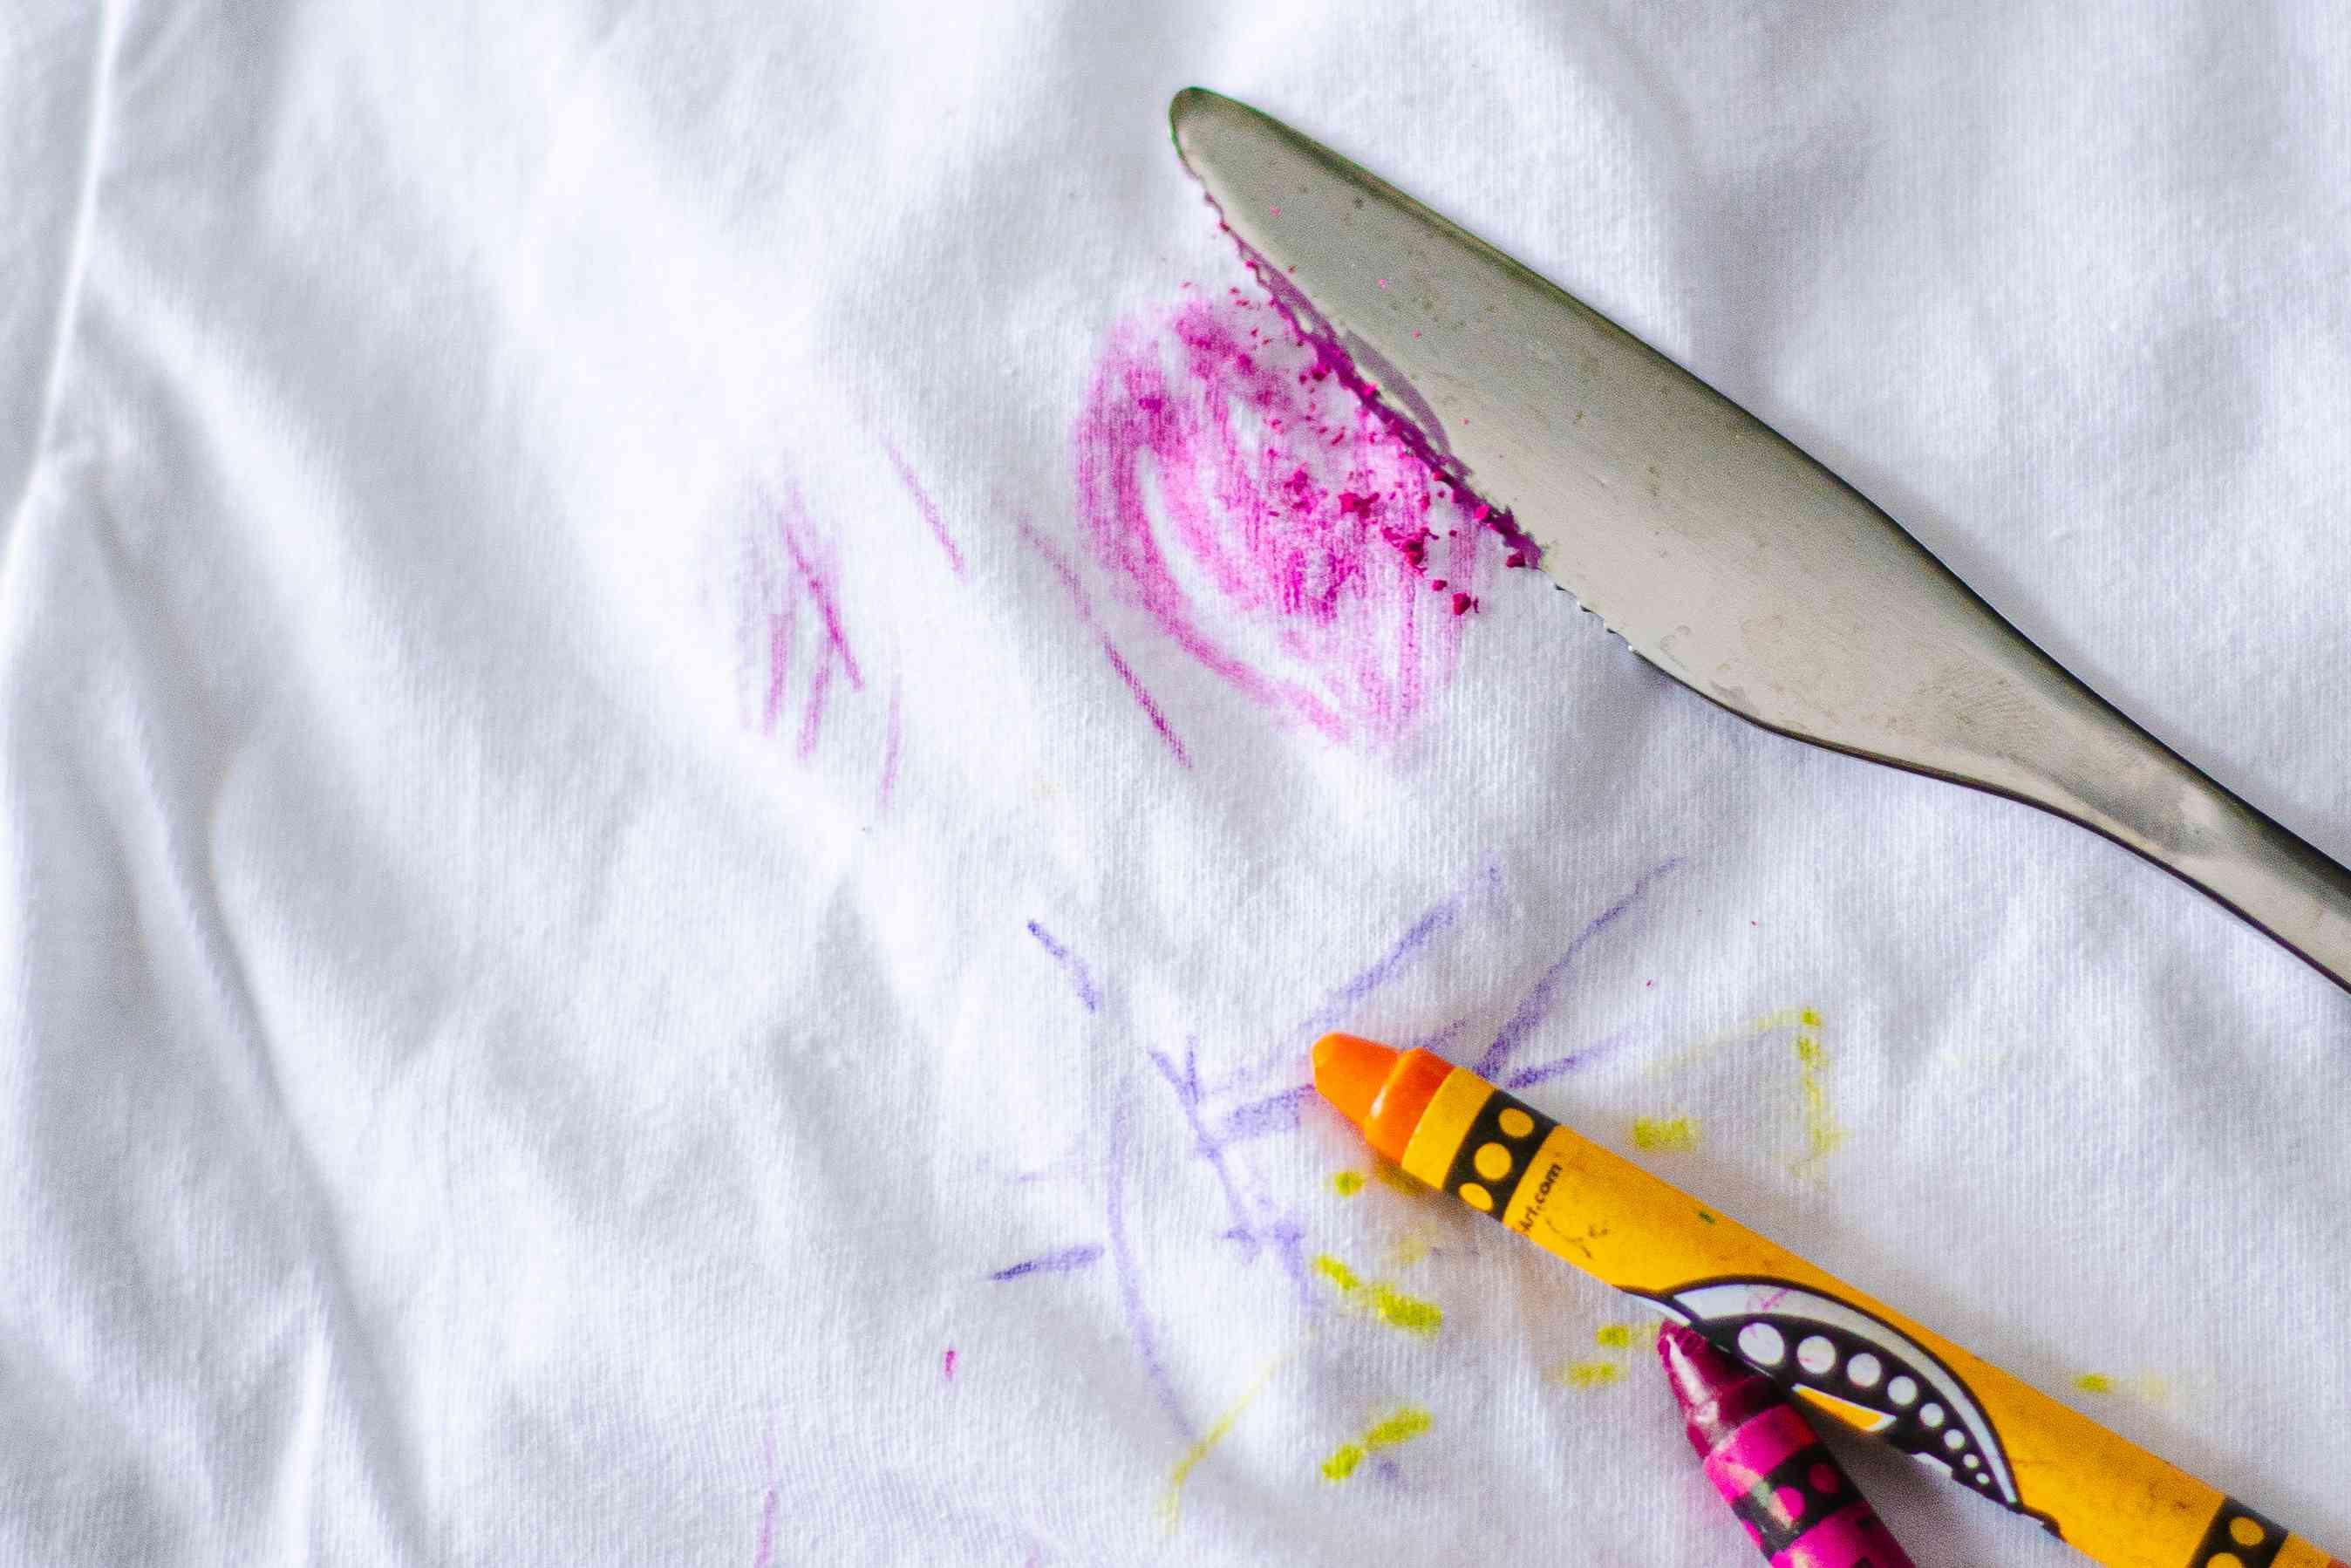 scraping away crayon solids